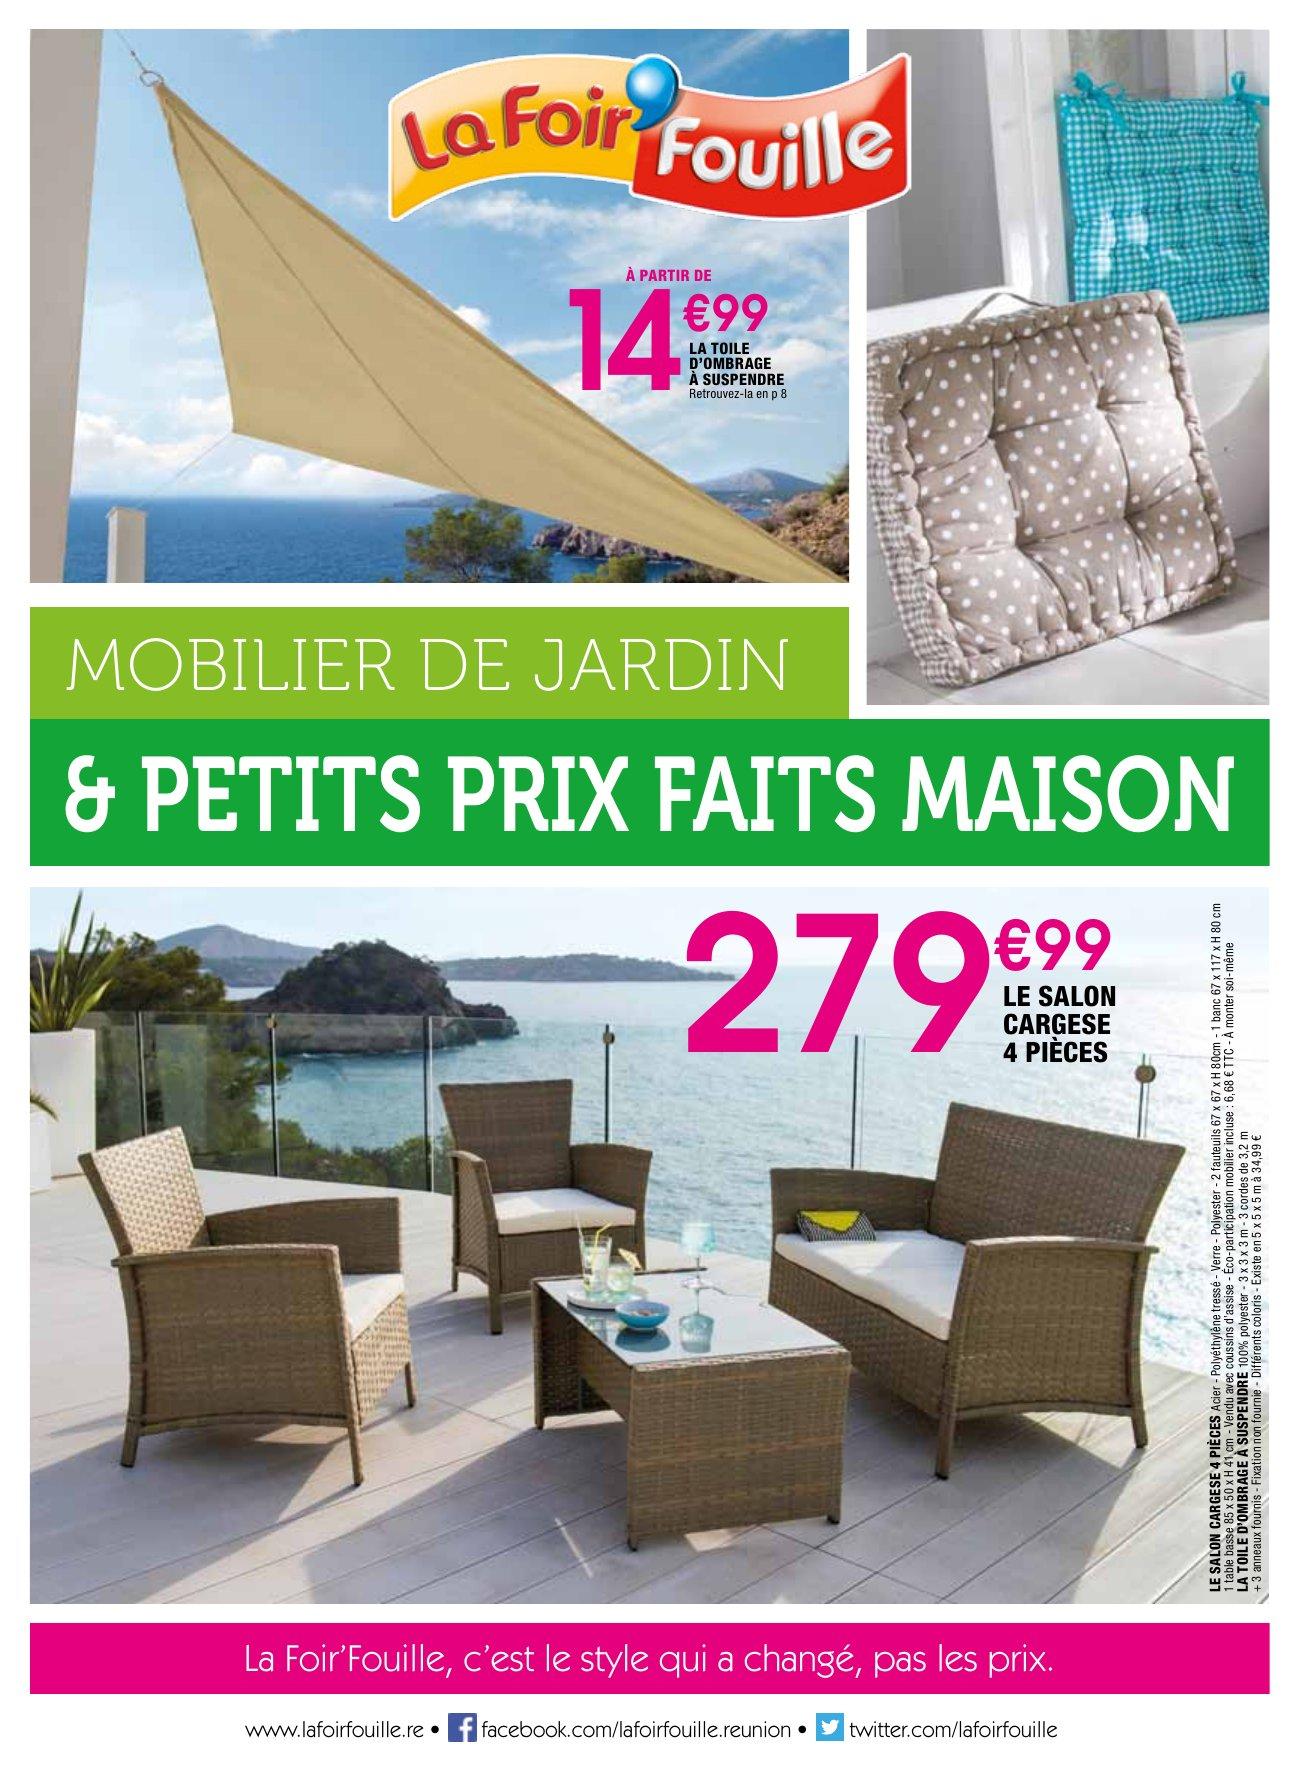 La Foir'fouille : Mobilier De Jardin & Petits Prix Faits Maison destiné Salon De Jardin La Foir Fouille